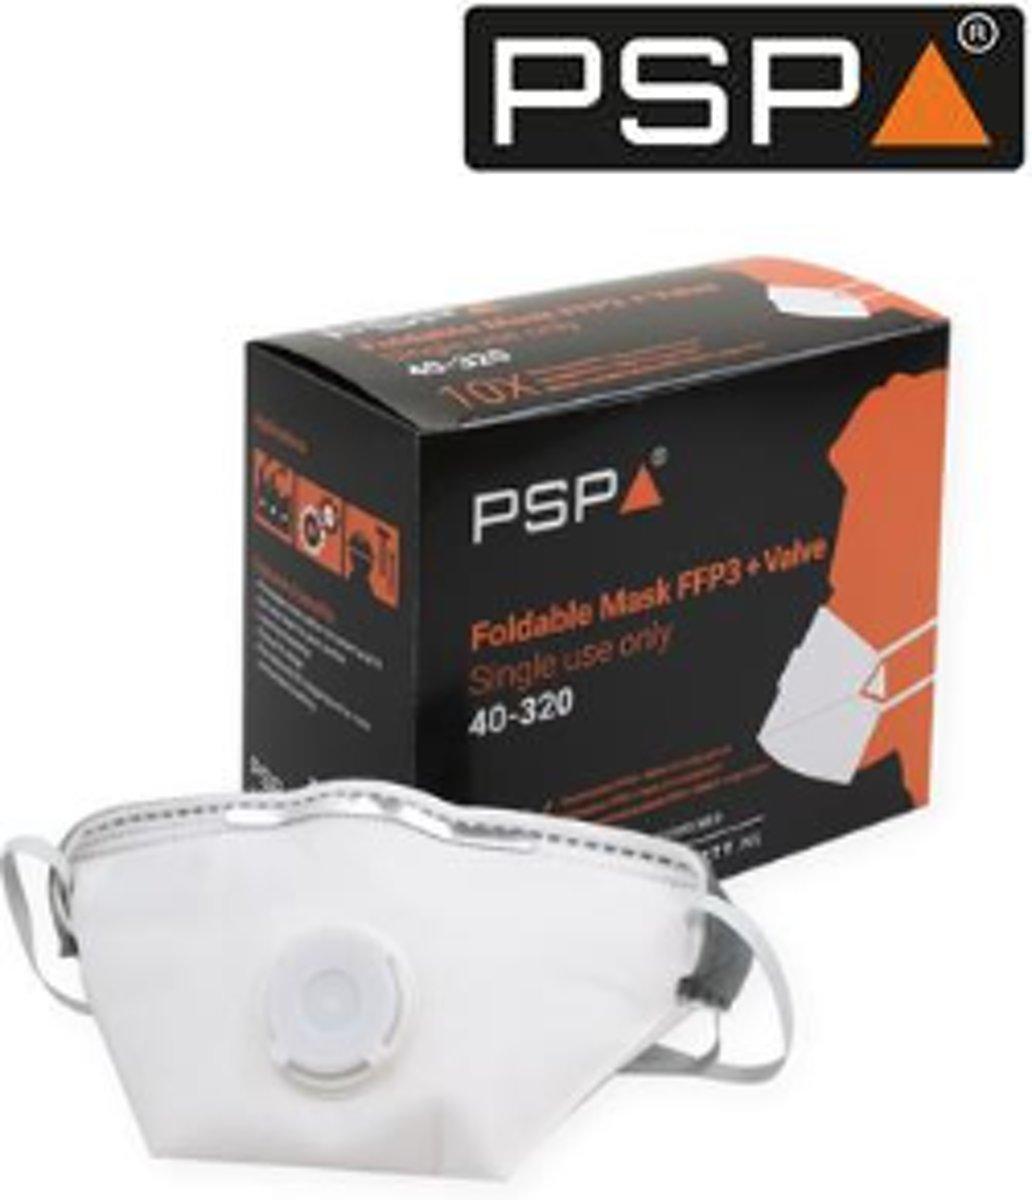 PSP 40-320 Vouwmasker FFP3/ 10 STKS kopen